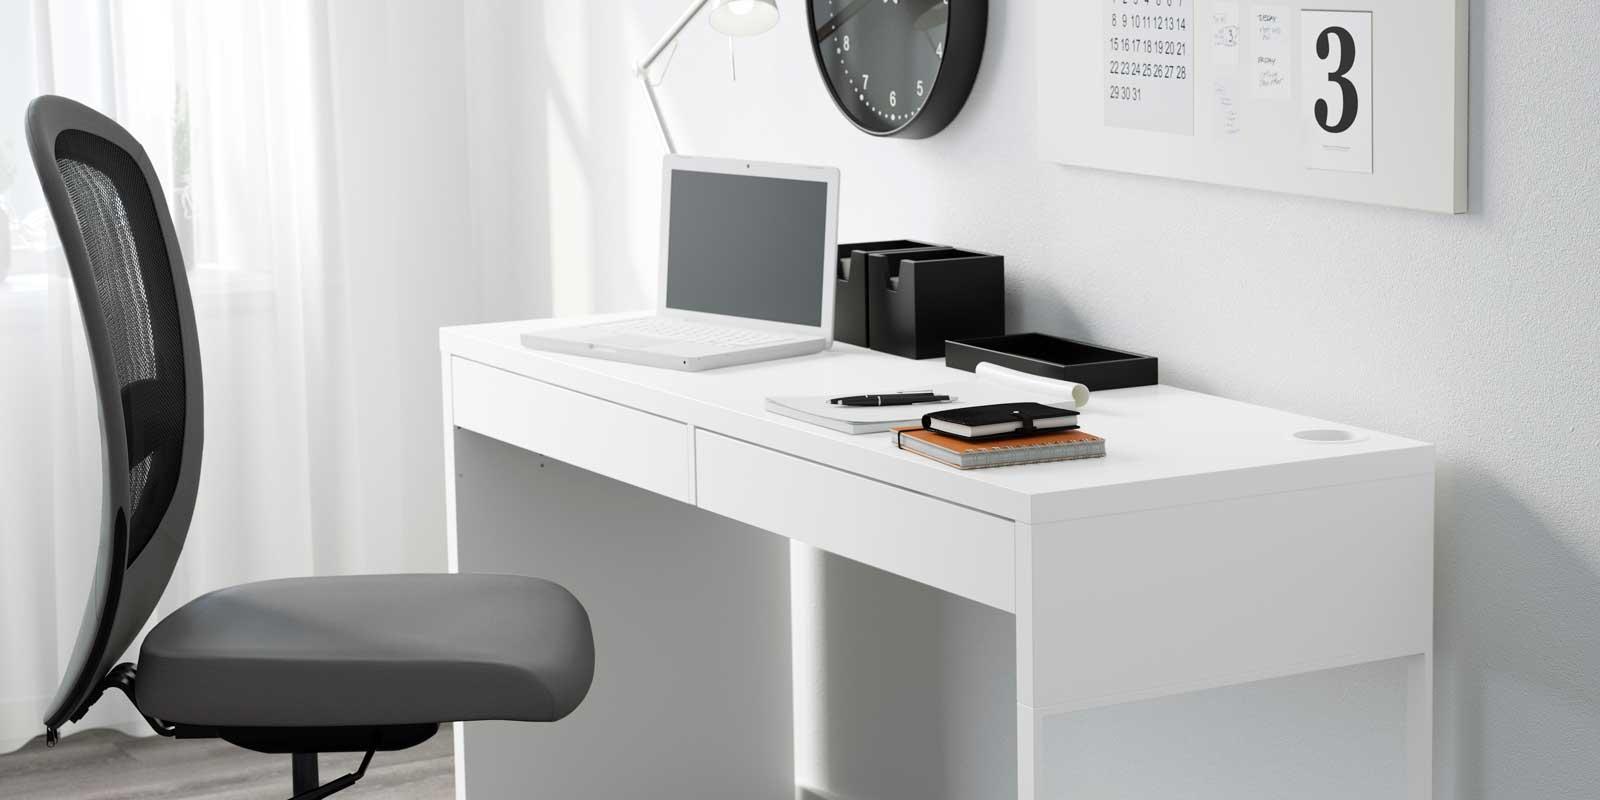 Sedie con le ruote per la scrivania cose di casa. Scrivania Per La Cameretta O Lo Studio 16 Modelli Comodi E Funzionali Cose Di Casa